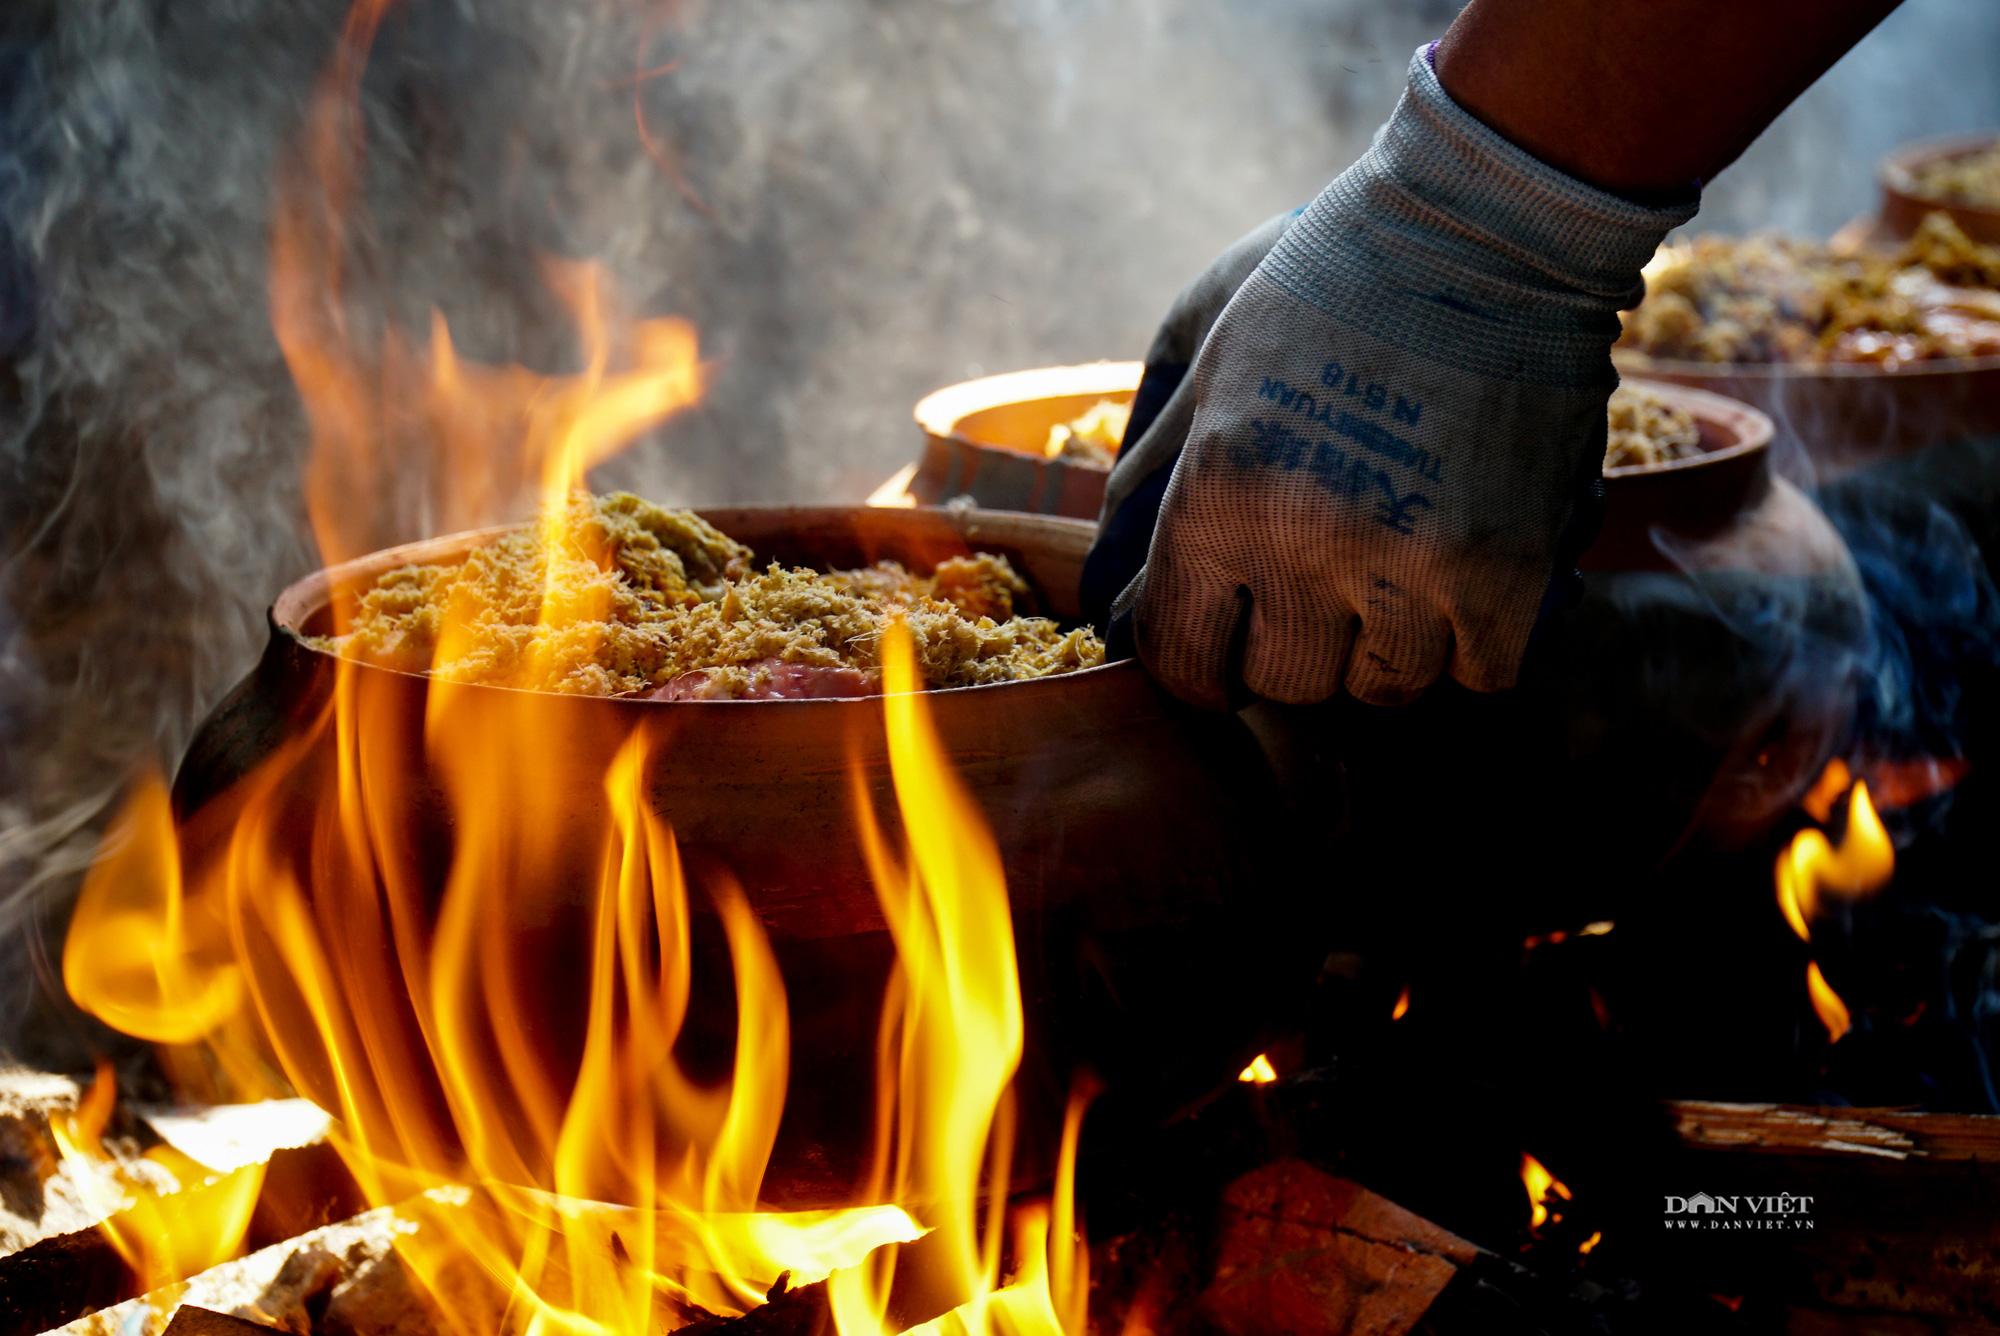 Nghi ngút khói bếp kho cá làng Vũ Đại những ngày cận Tết - Ảnh 10.